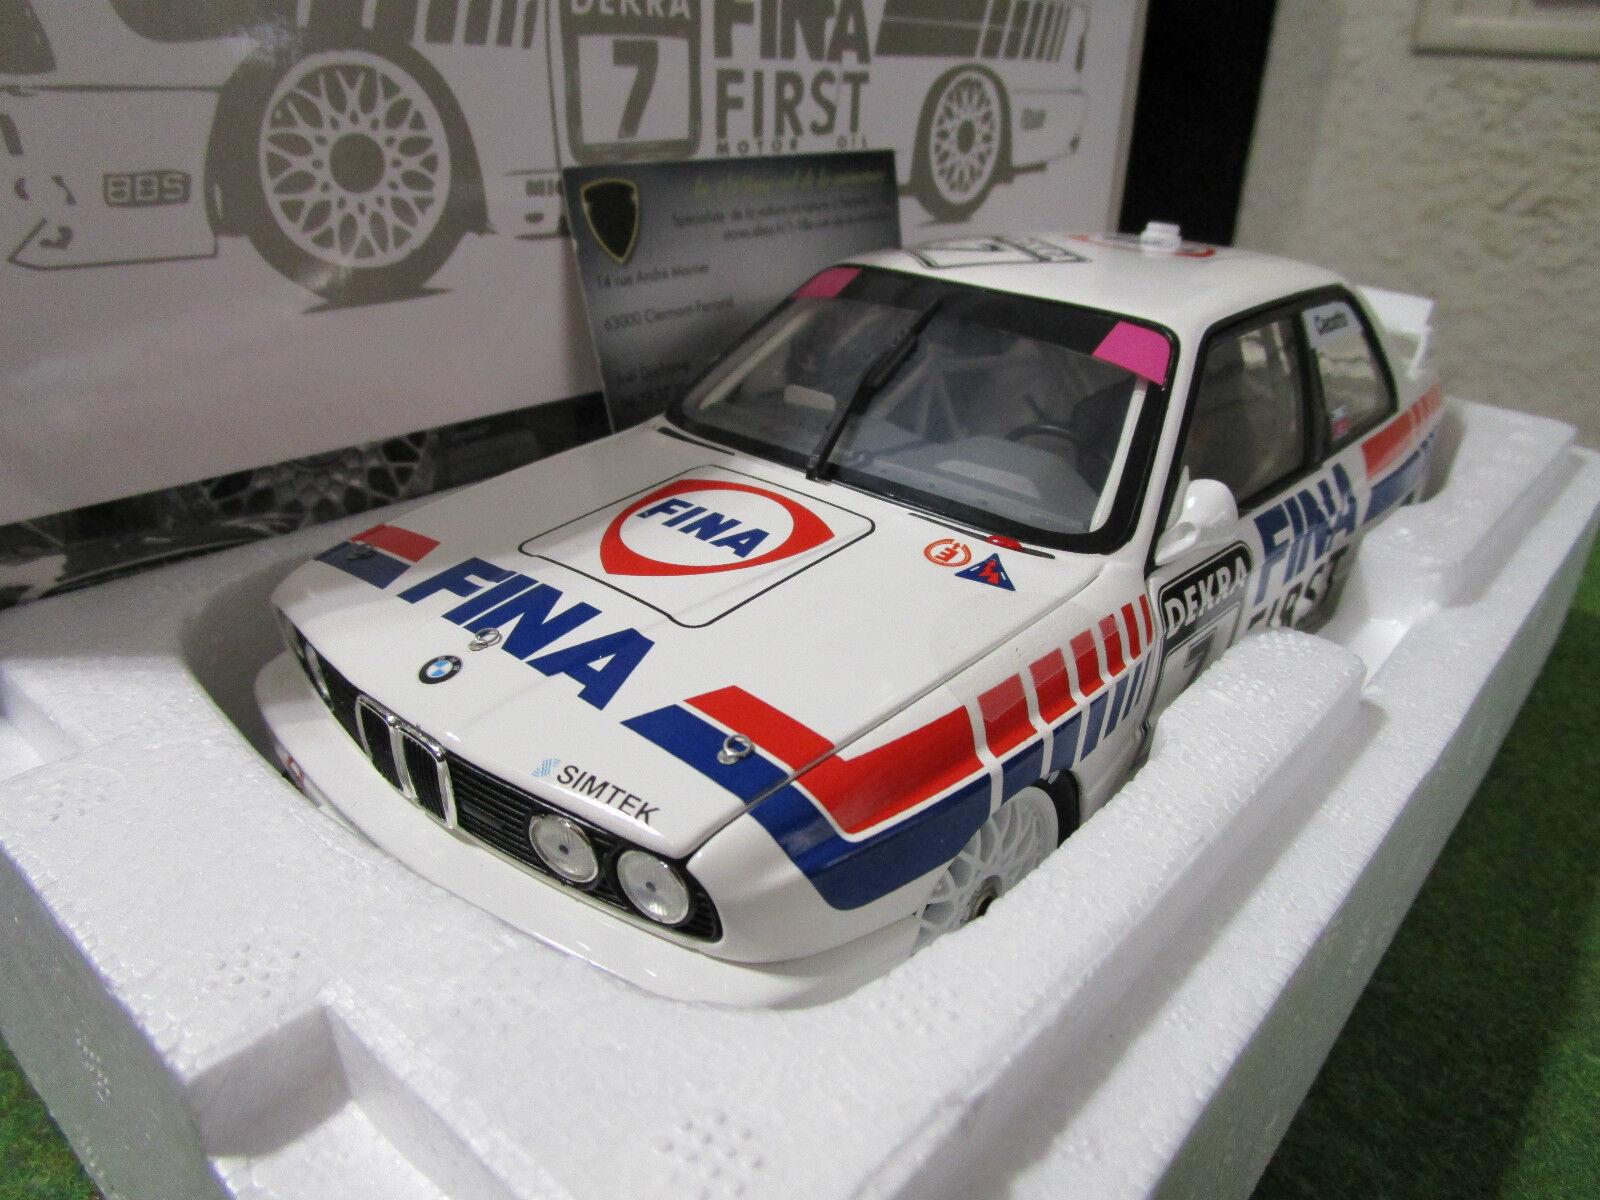 BMW M3 squadra FINA DTM 1992 CECOTTO au 1 18 MINICHAMPS 180922007 voiture miniature